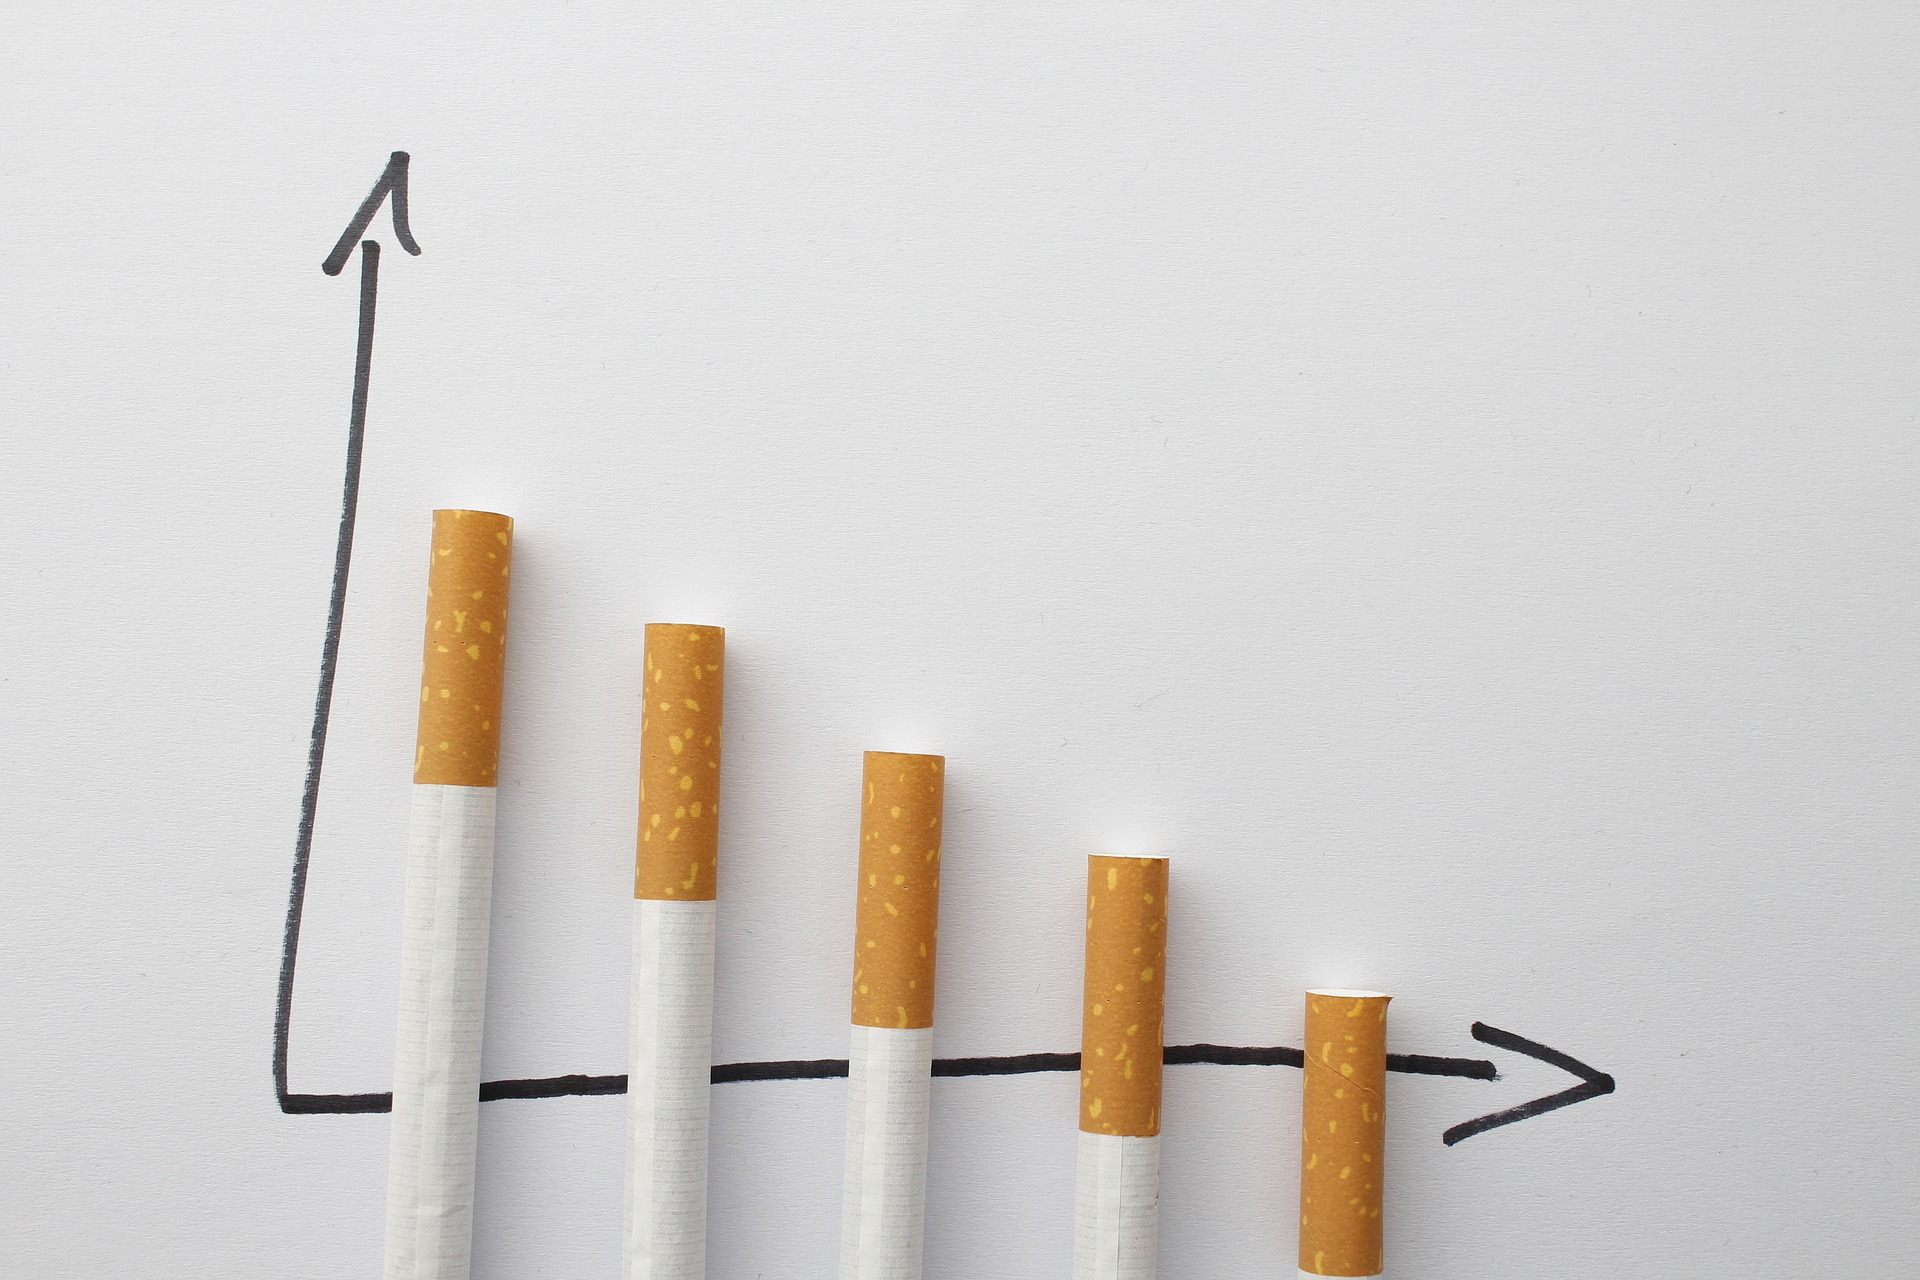 méthode pour arrêter de fumer facilement